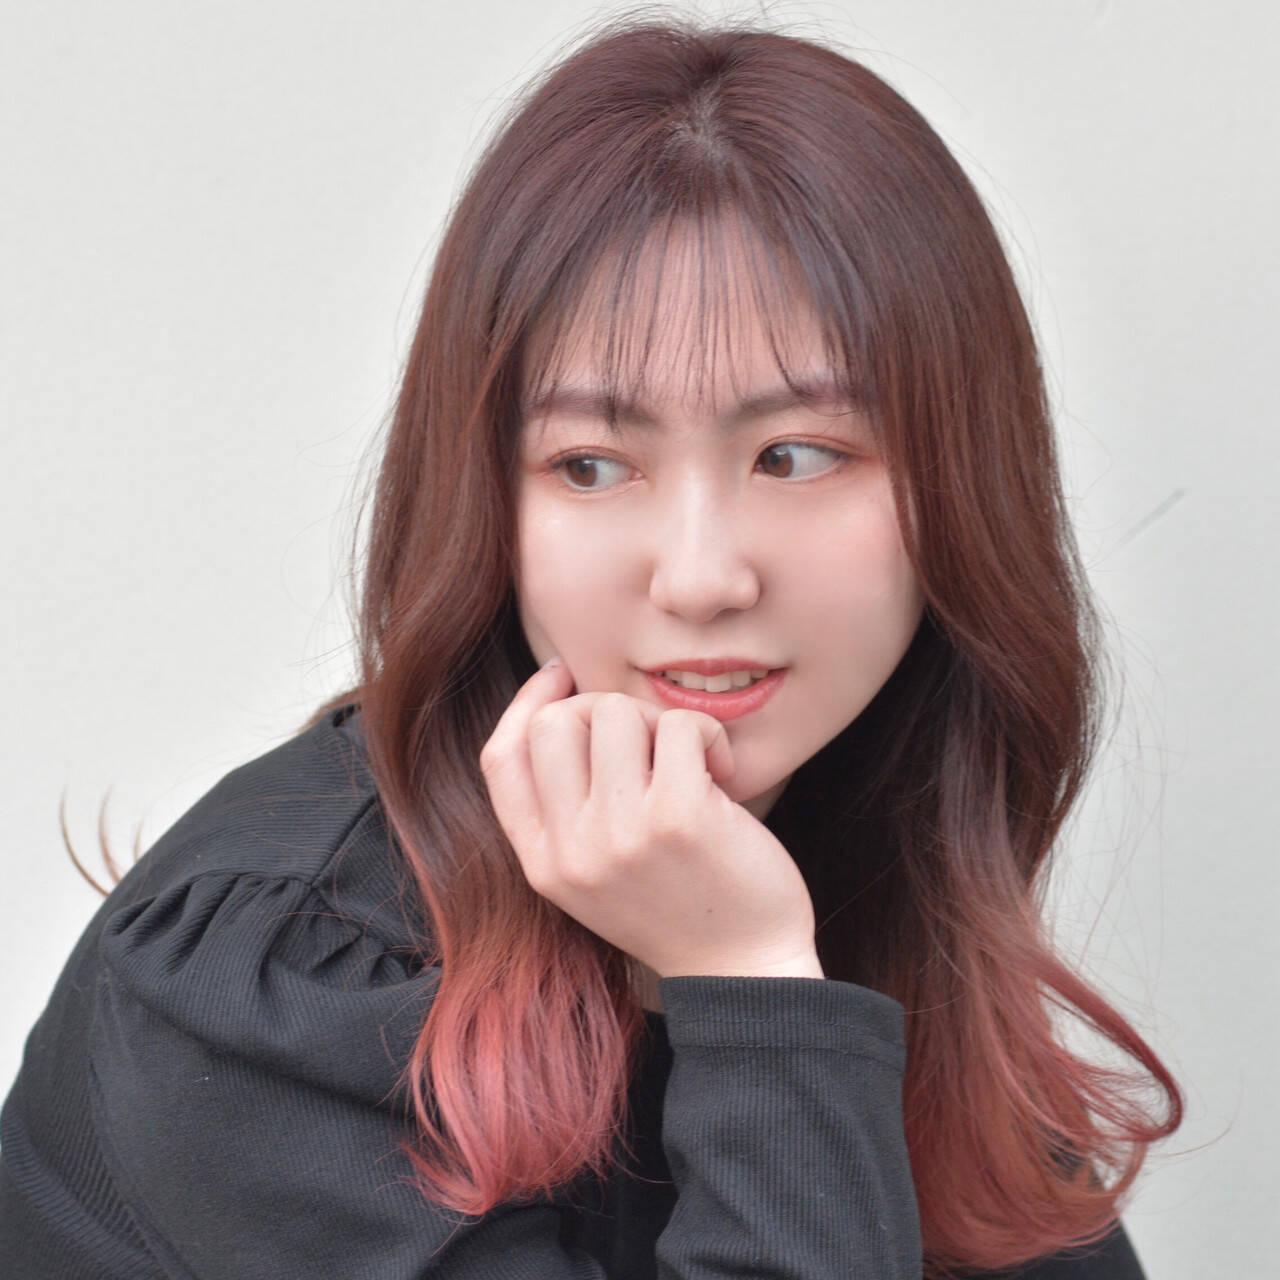 ラズベリーピンク 韓国ヘア グラデーションカラー ベリーピンクヘアスタイルや髪型の写真・画像